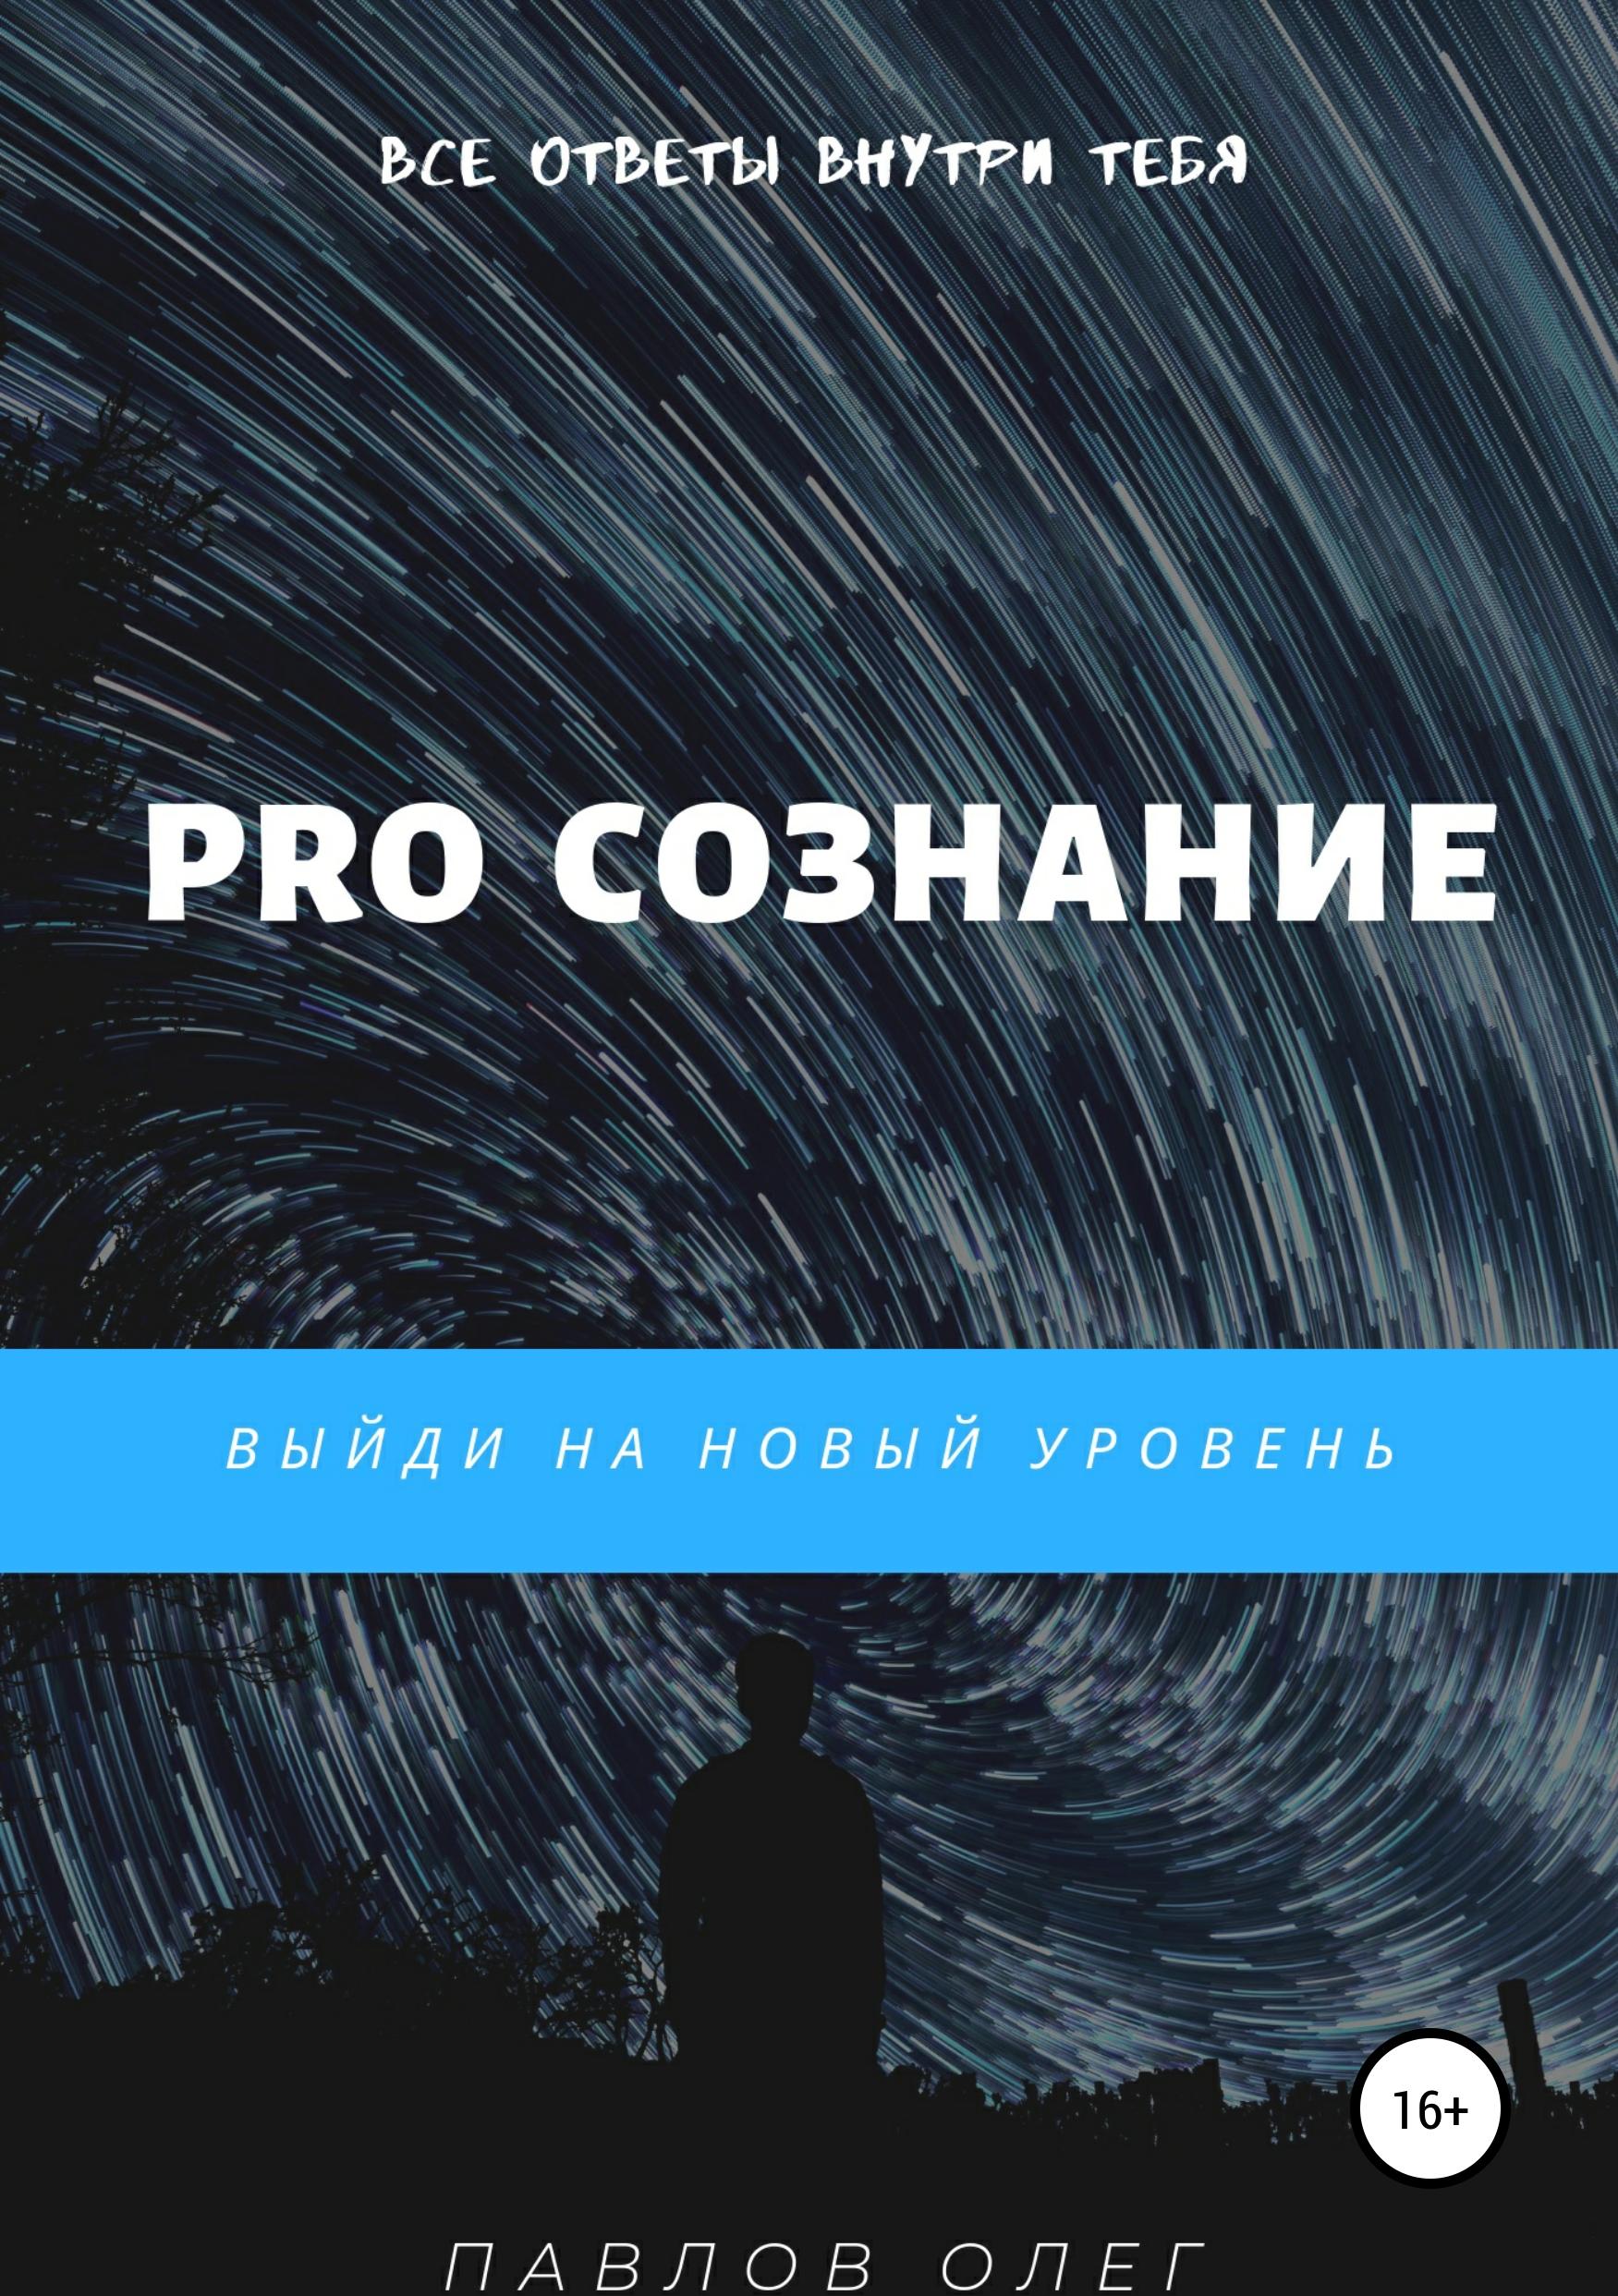 Олег Сергеевич Павлов PRO Сознание тонер canon c exv034 bk для ir c1225 if чёрный 12 000 страниц